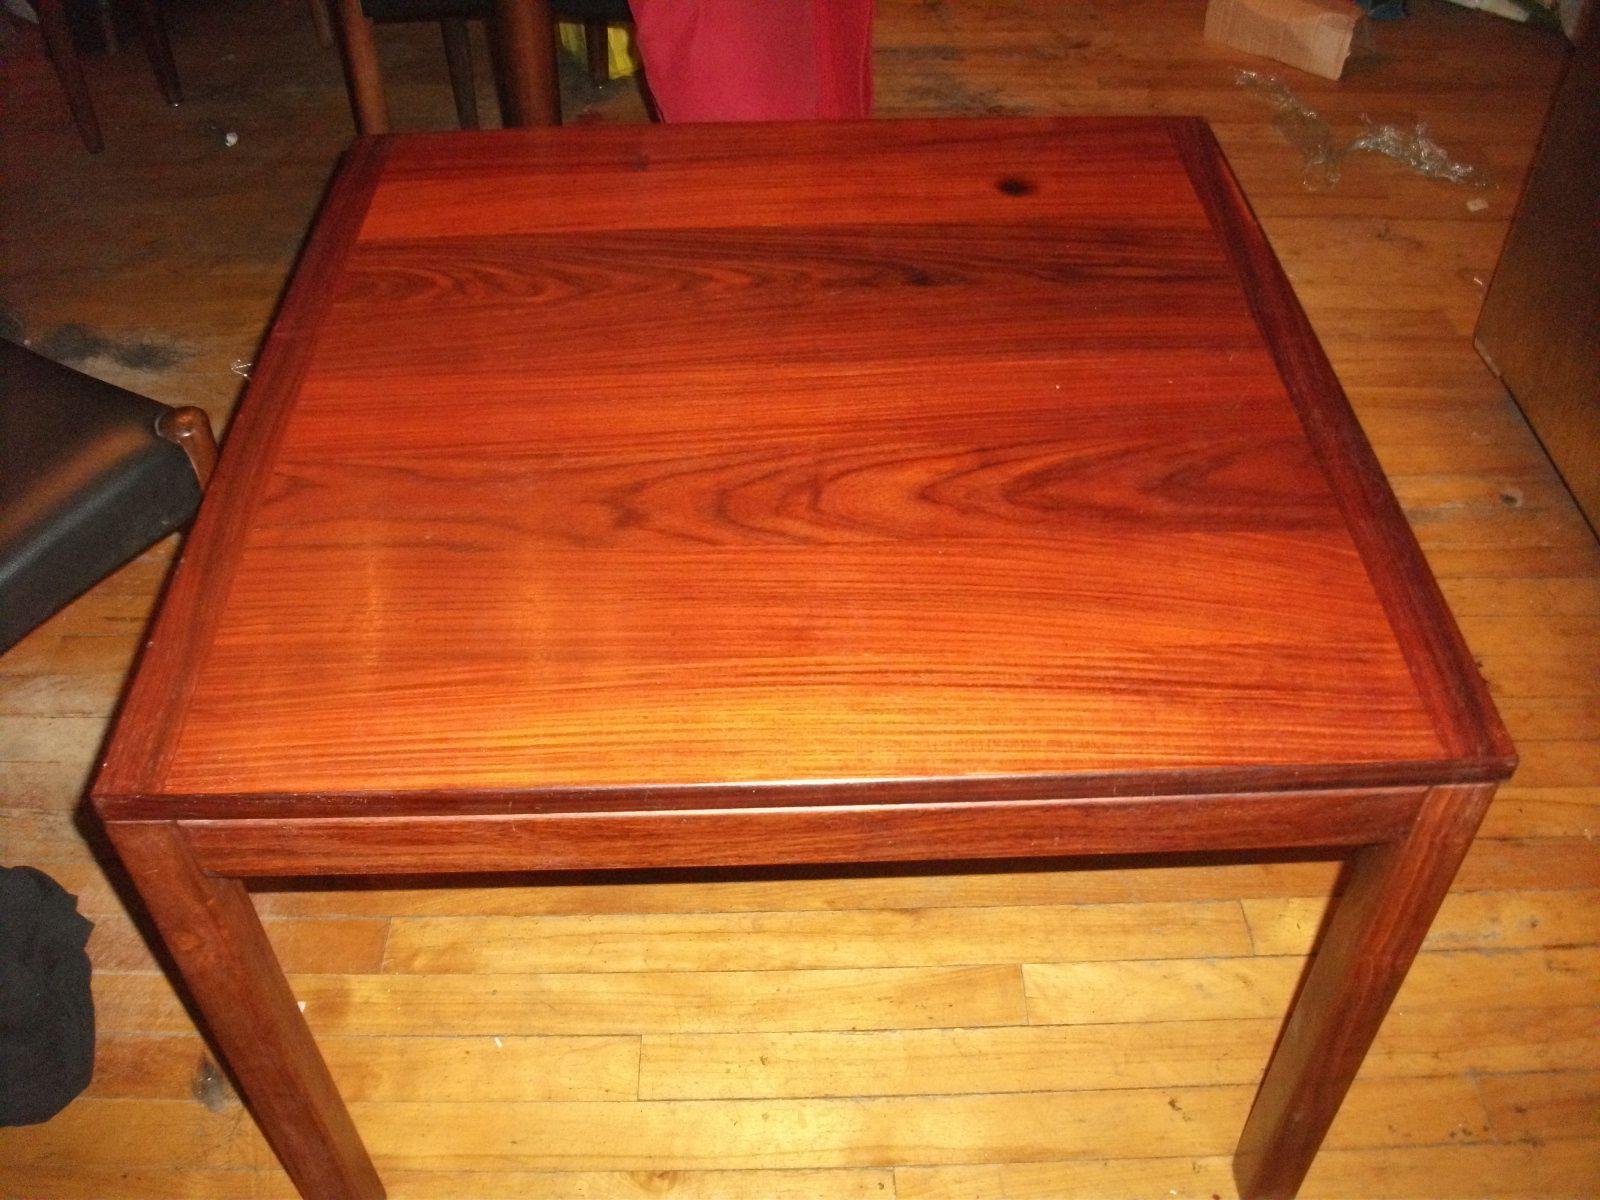 20a457e5aab5a1 J ai une table de salle à manger, une table à café et 6 chaises en bois de  rose (meubles danois), que dois je utiliser pour les entretenir